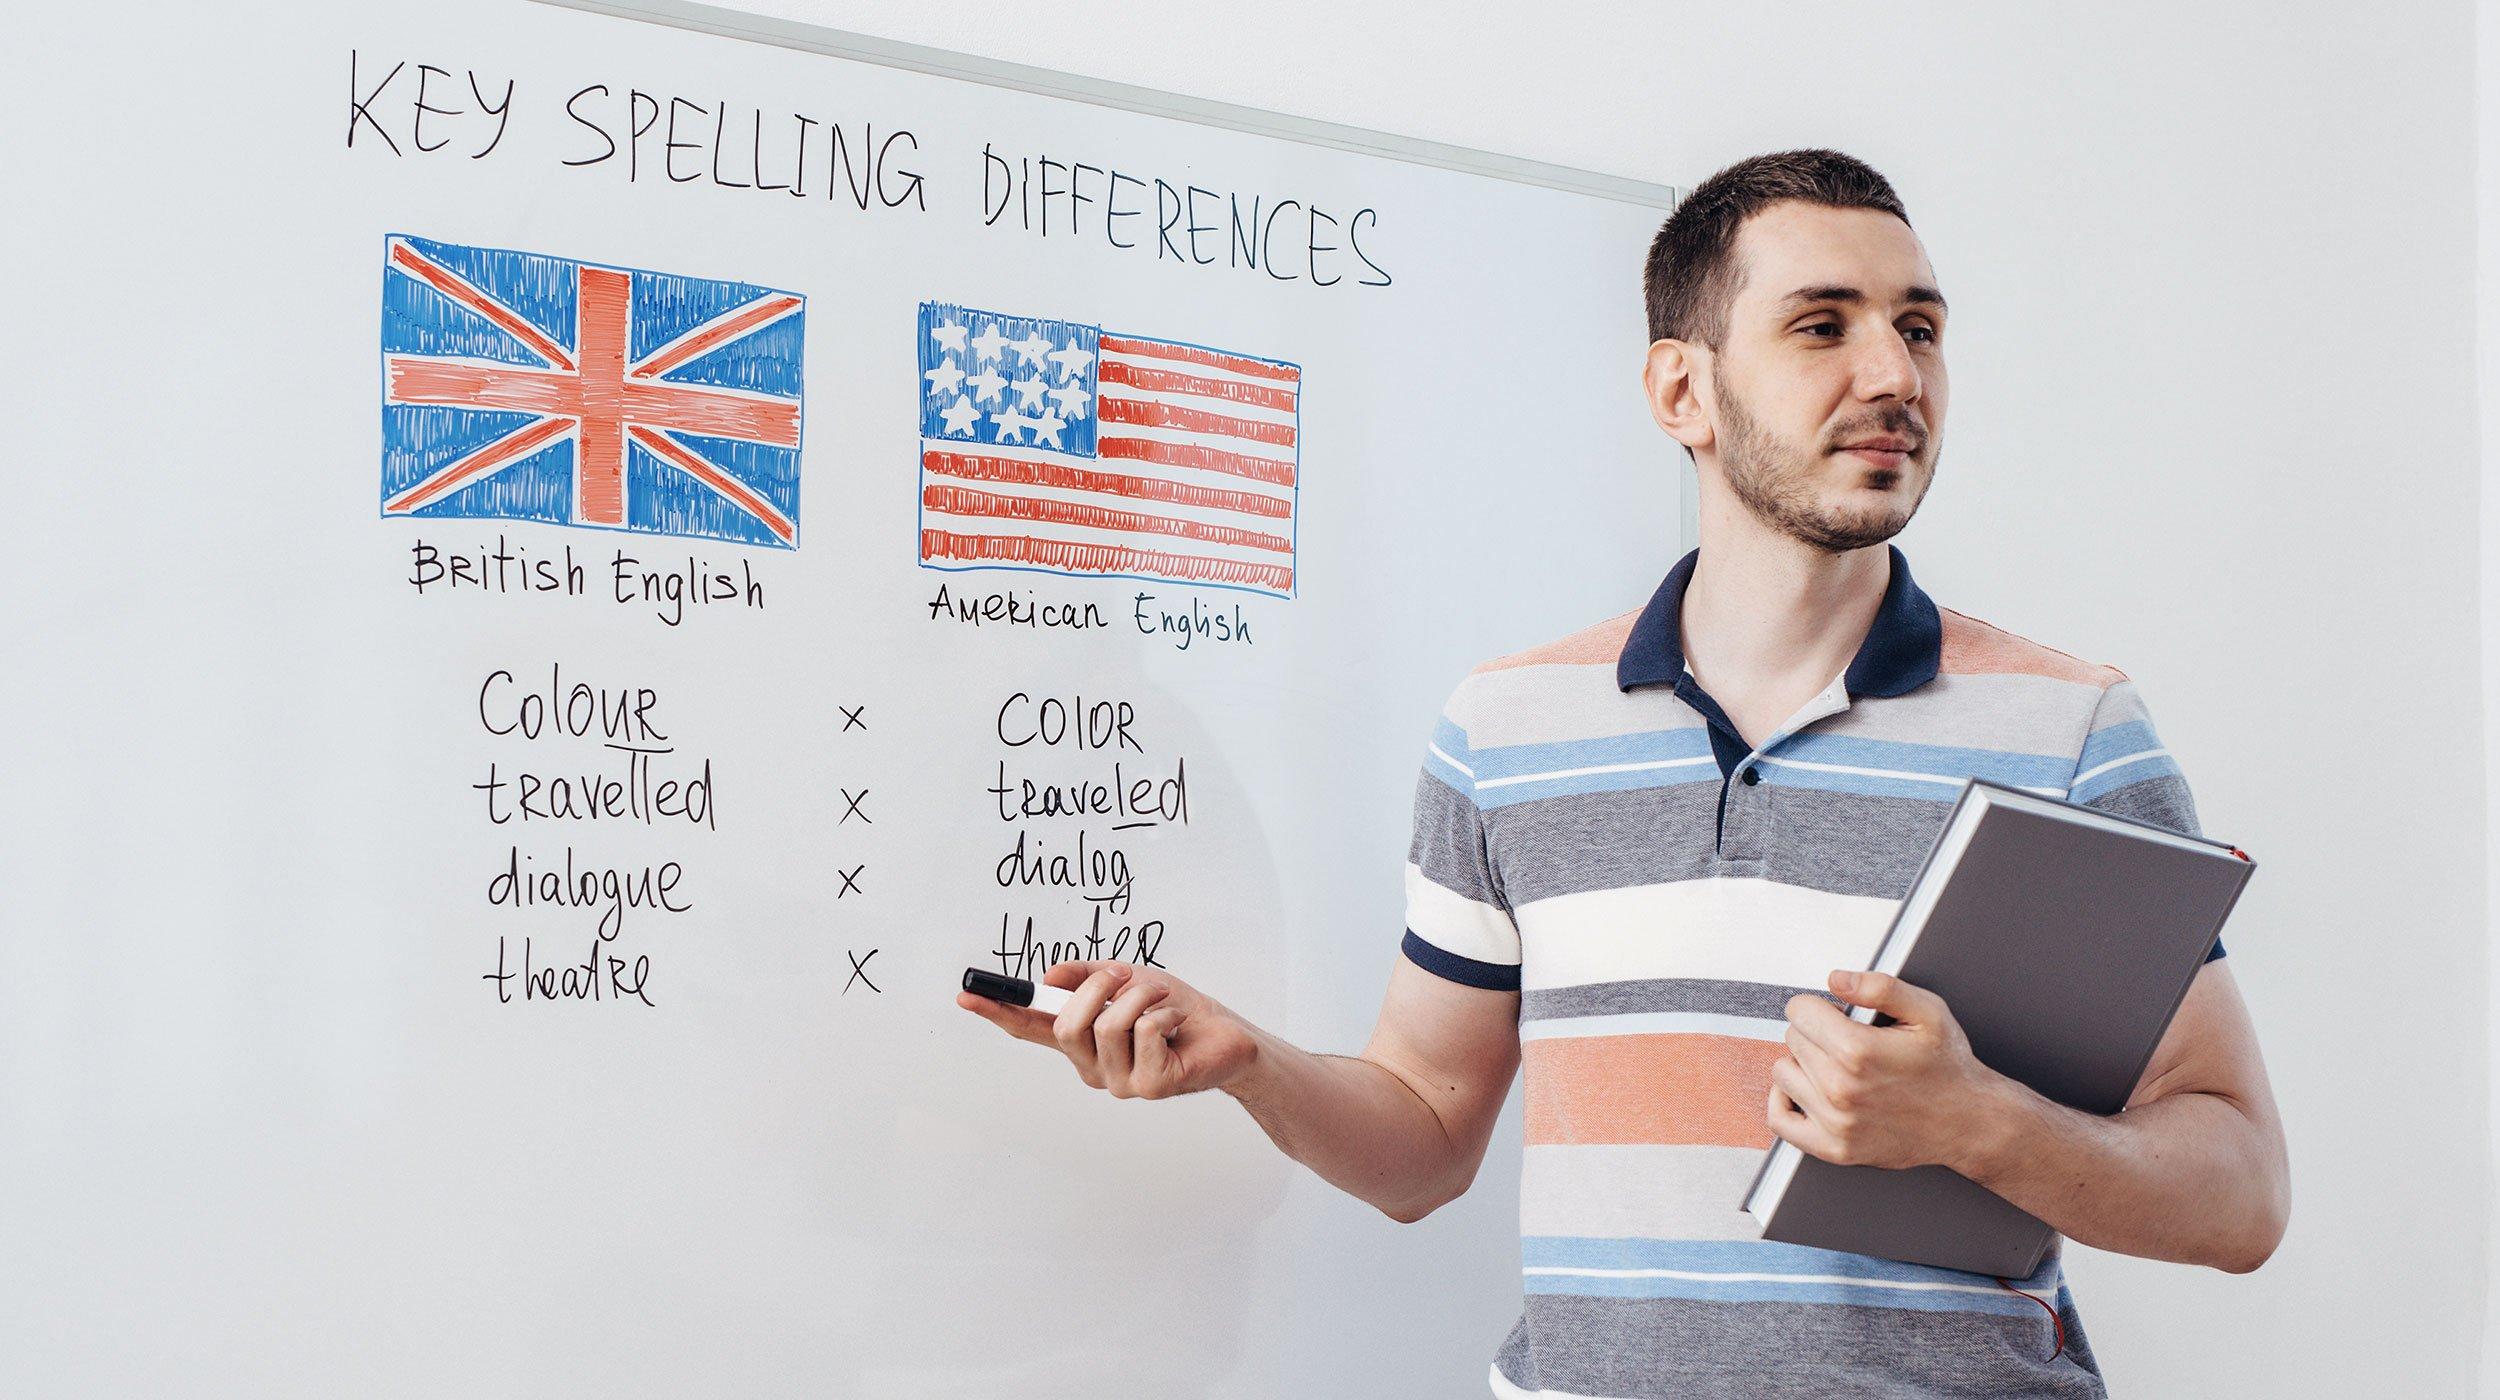 Les cours d'anglais pour adultes sont-ils efficaces ?